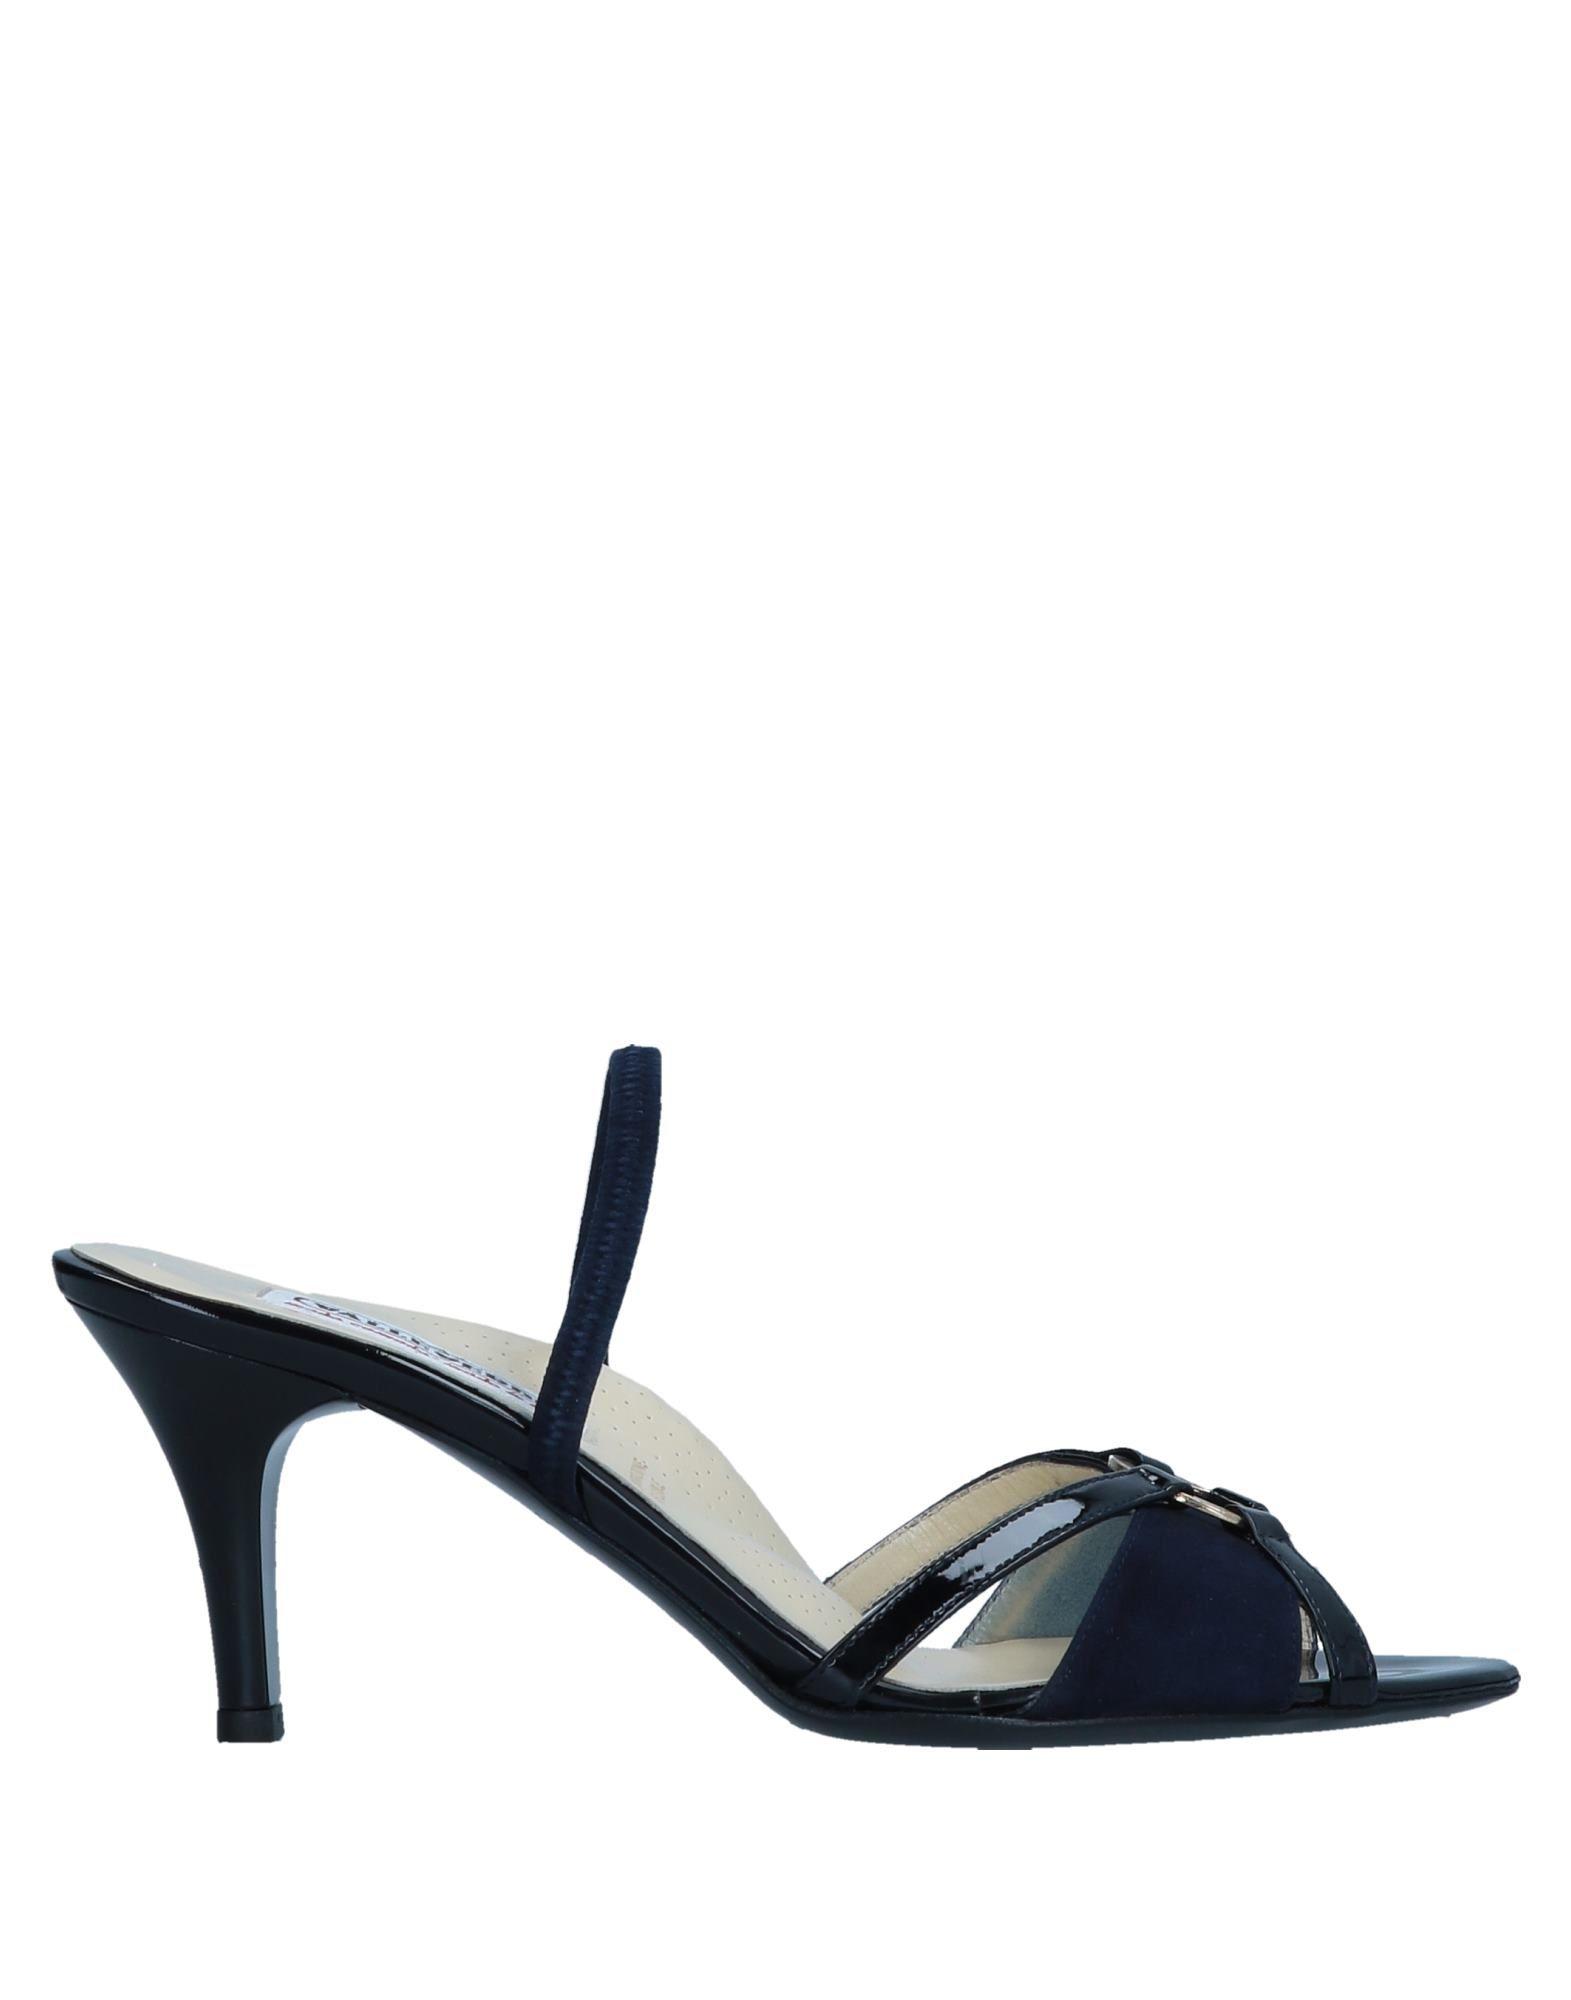 valleverde sandales - femmes valleverde valleverde valleverde 11547536qf sandales en ligne le royaume - uni - 0bc7df